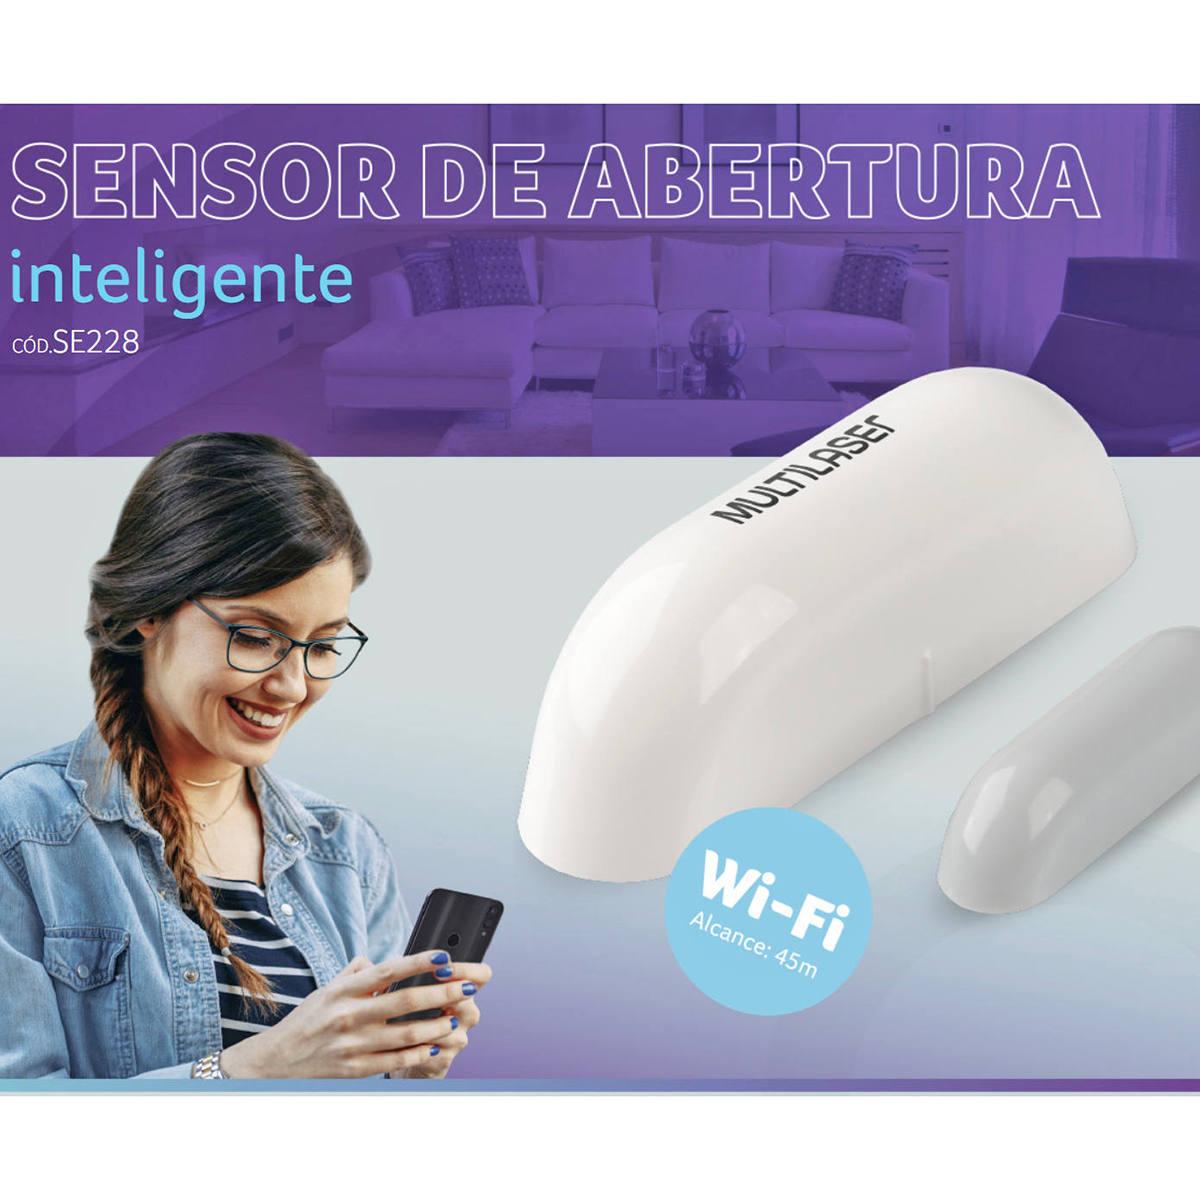 Sensor de Abertura de Porta e Janela Inteligente Wi-Fi Magnético Livre de Fios com Notificação via Celular Liv SE228